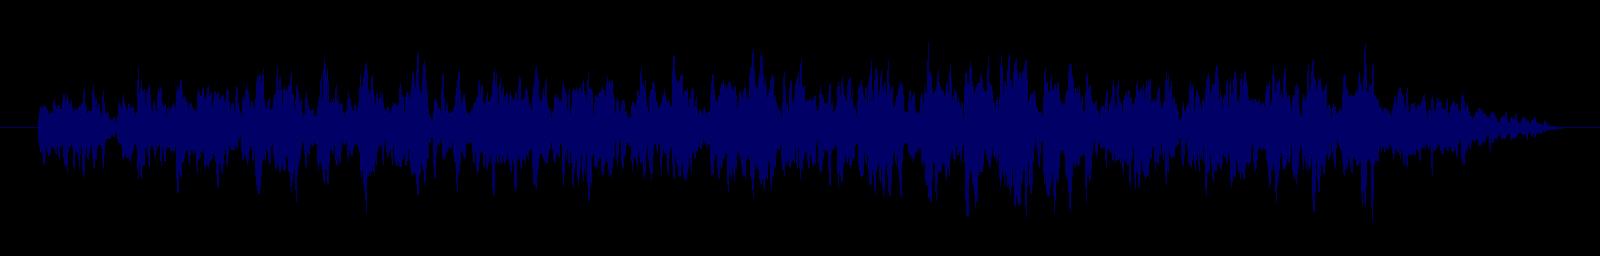 waveform of track #221897